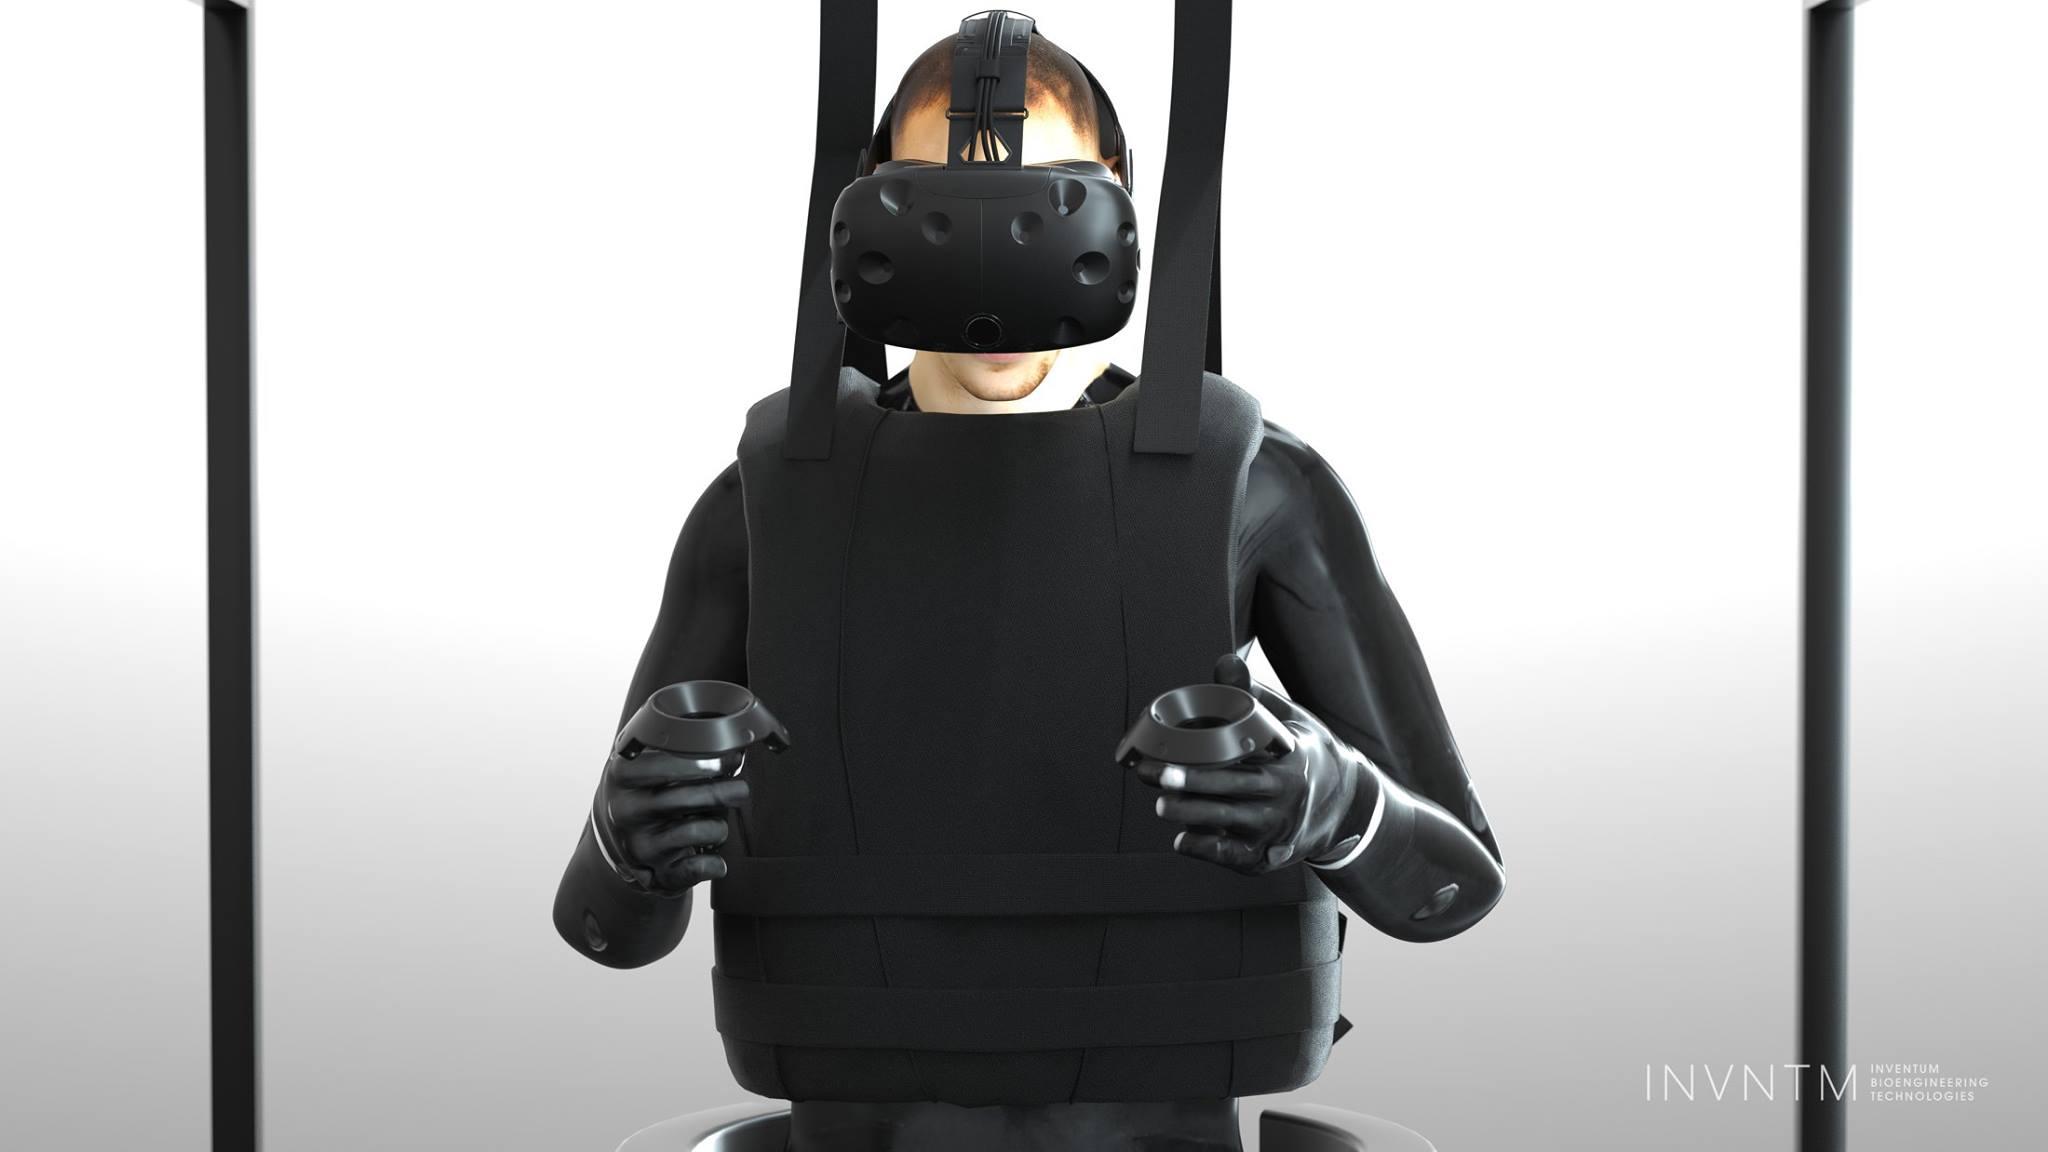 пересадка головы человека 2017 Серджио Канаверо Валерий Спиридонов тренажер стенд виртуальная реальность конструкция операция наука технологии новости отвратительные мужики